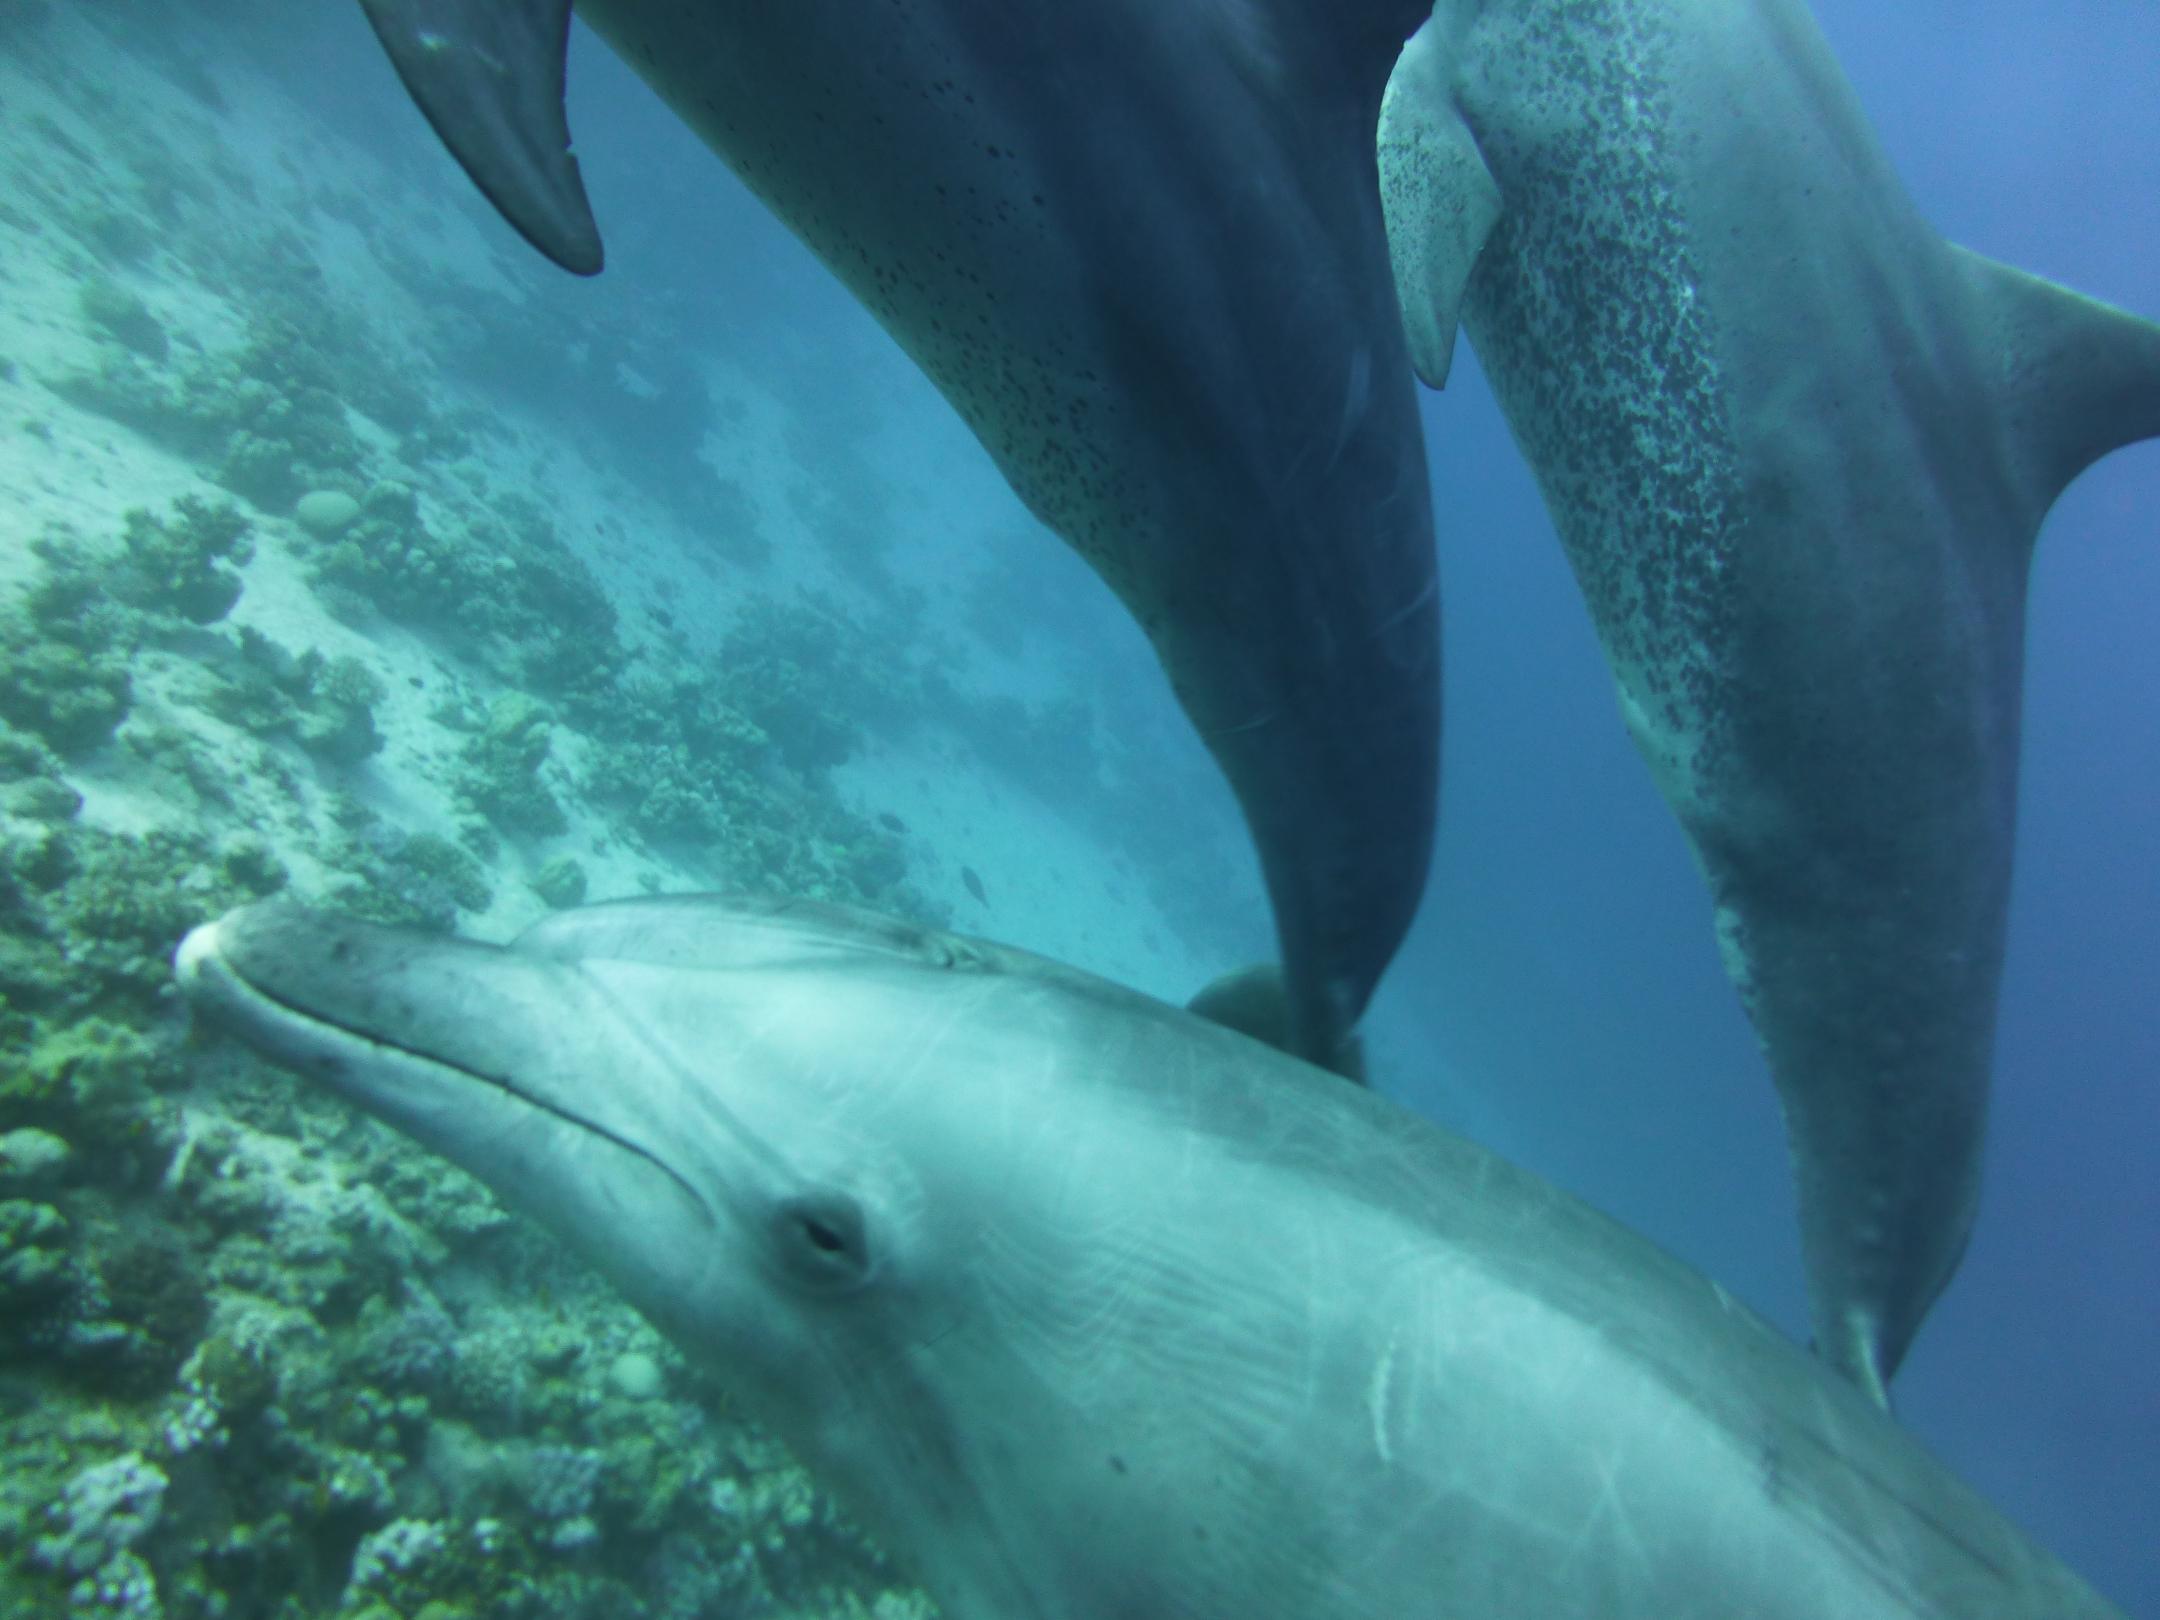 Dogterom-Dolfijnen-foto3-93684